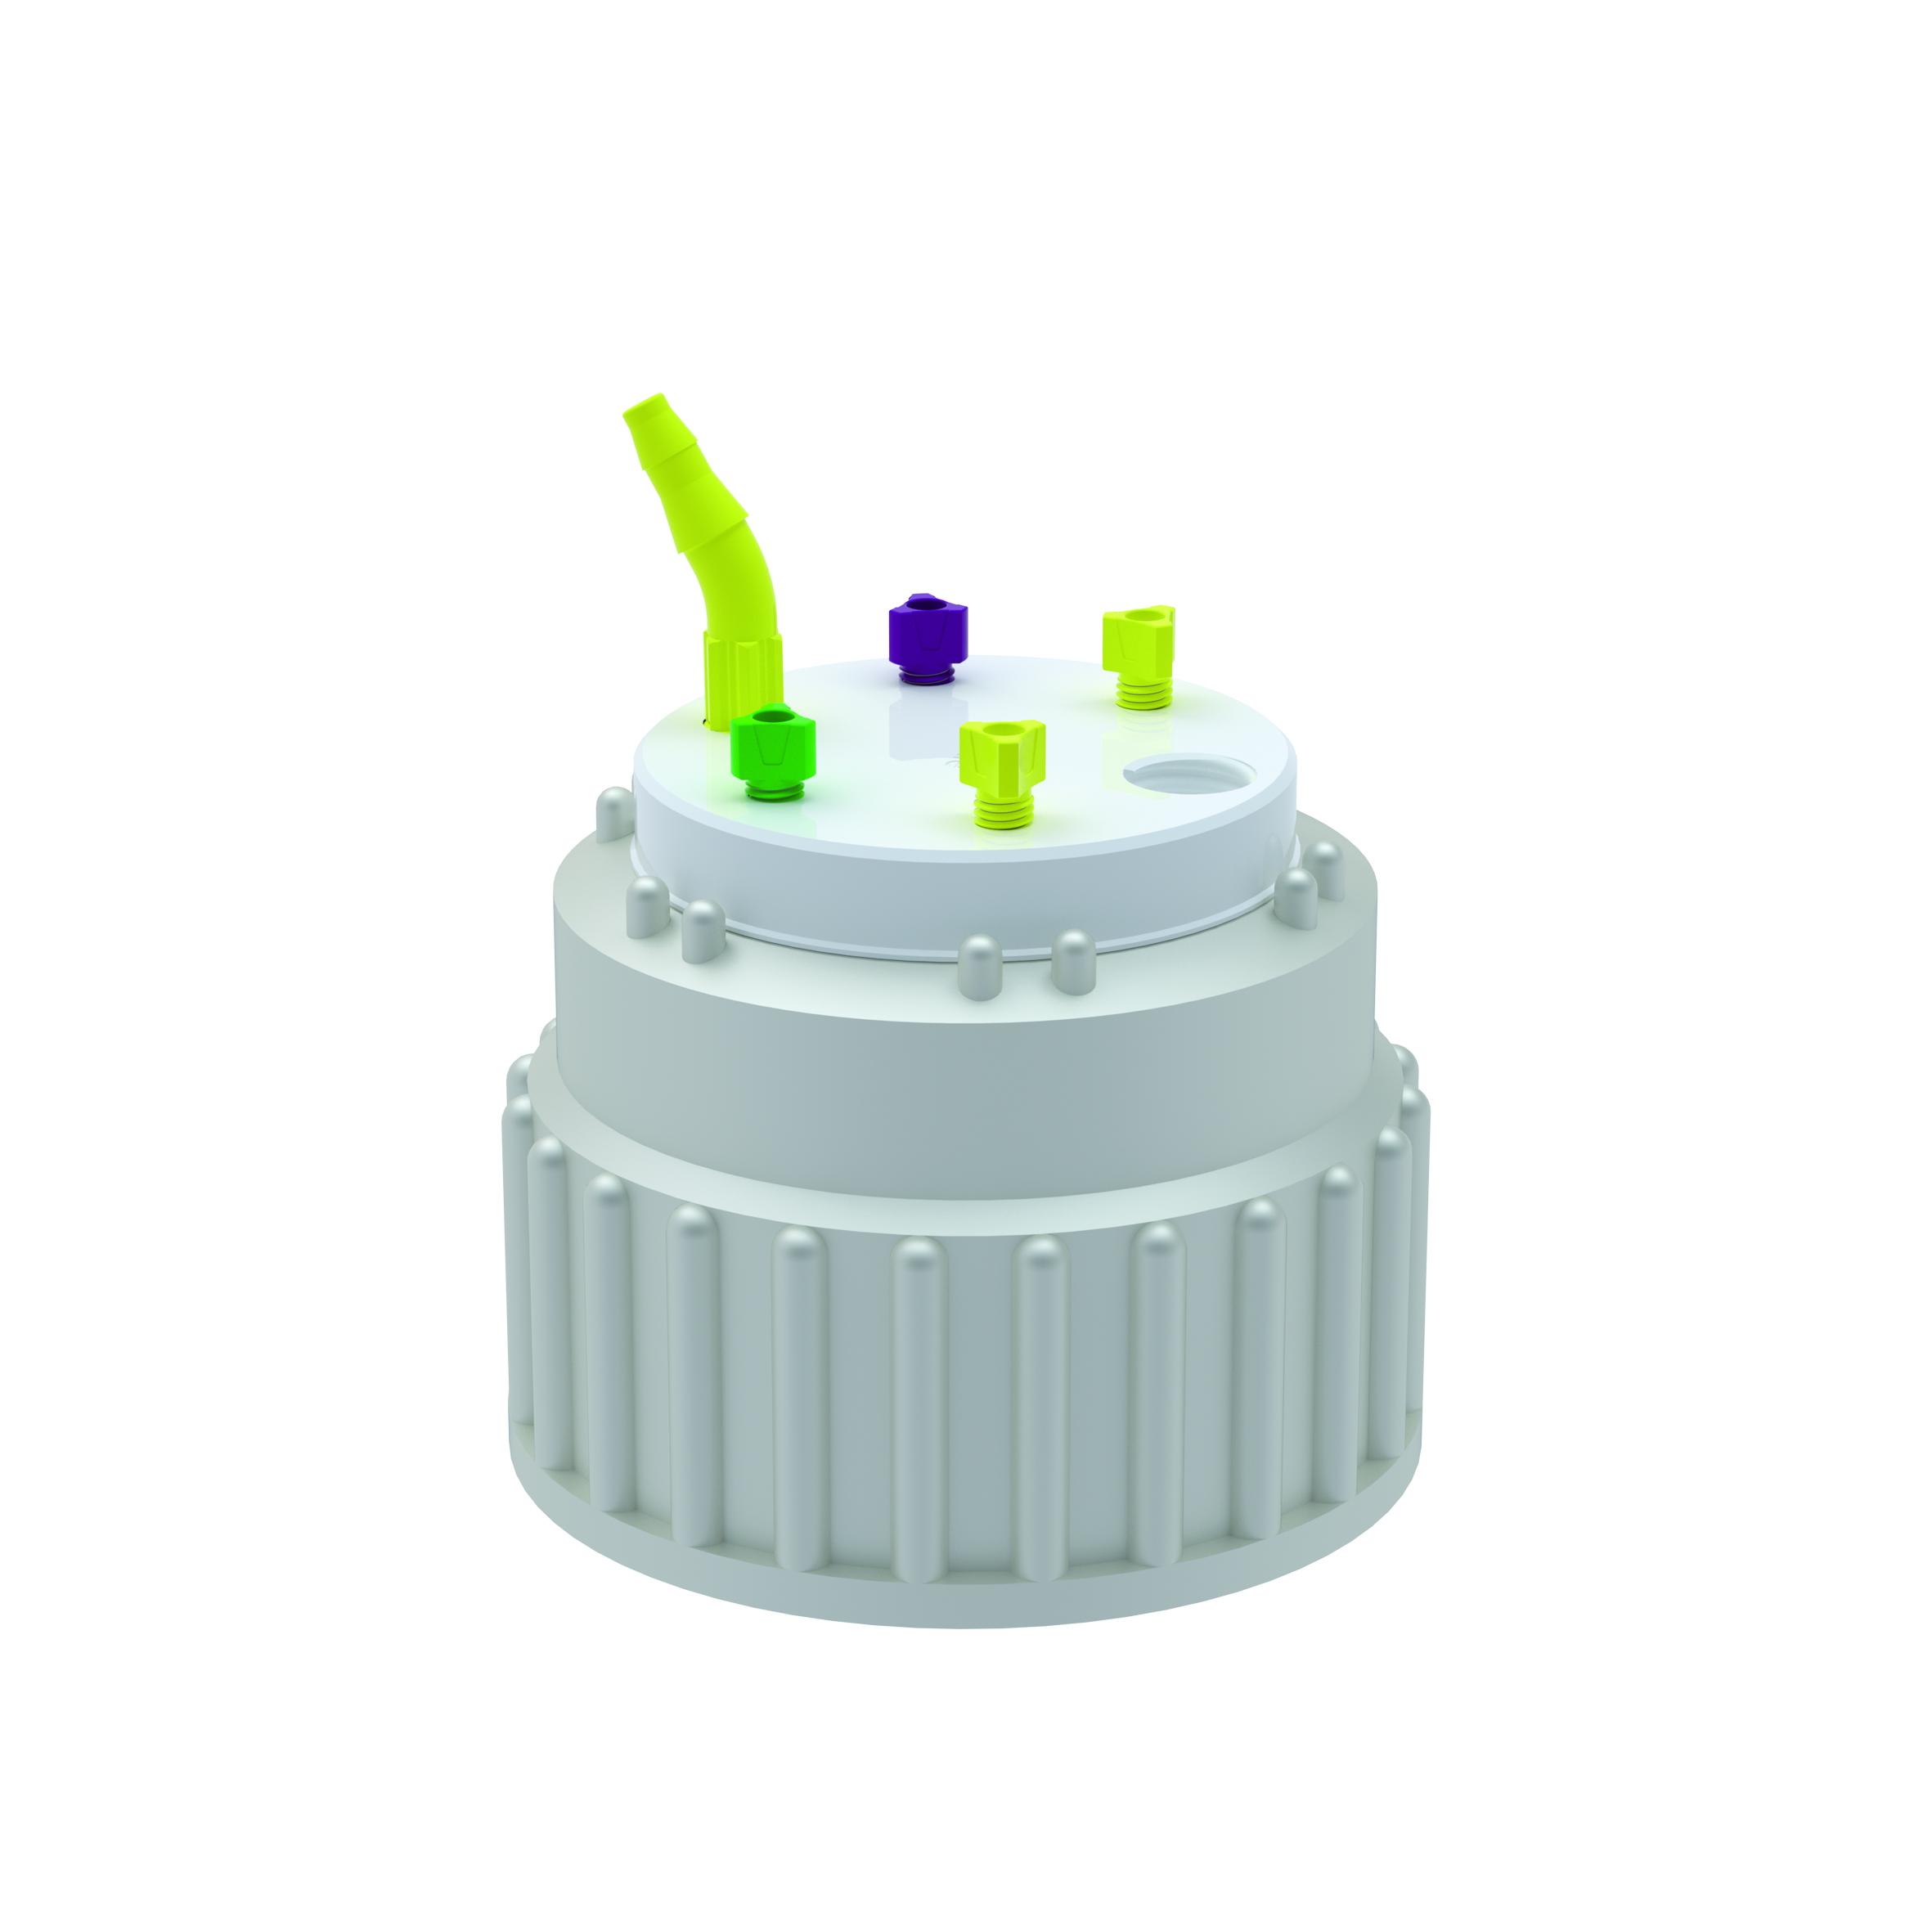 Waste Cap B83  Schraubkappe aus PE für Gewinde B83, frei drehbarer Einsatz aus PTFE. Mit PFA-Fittings für Kapi